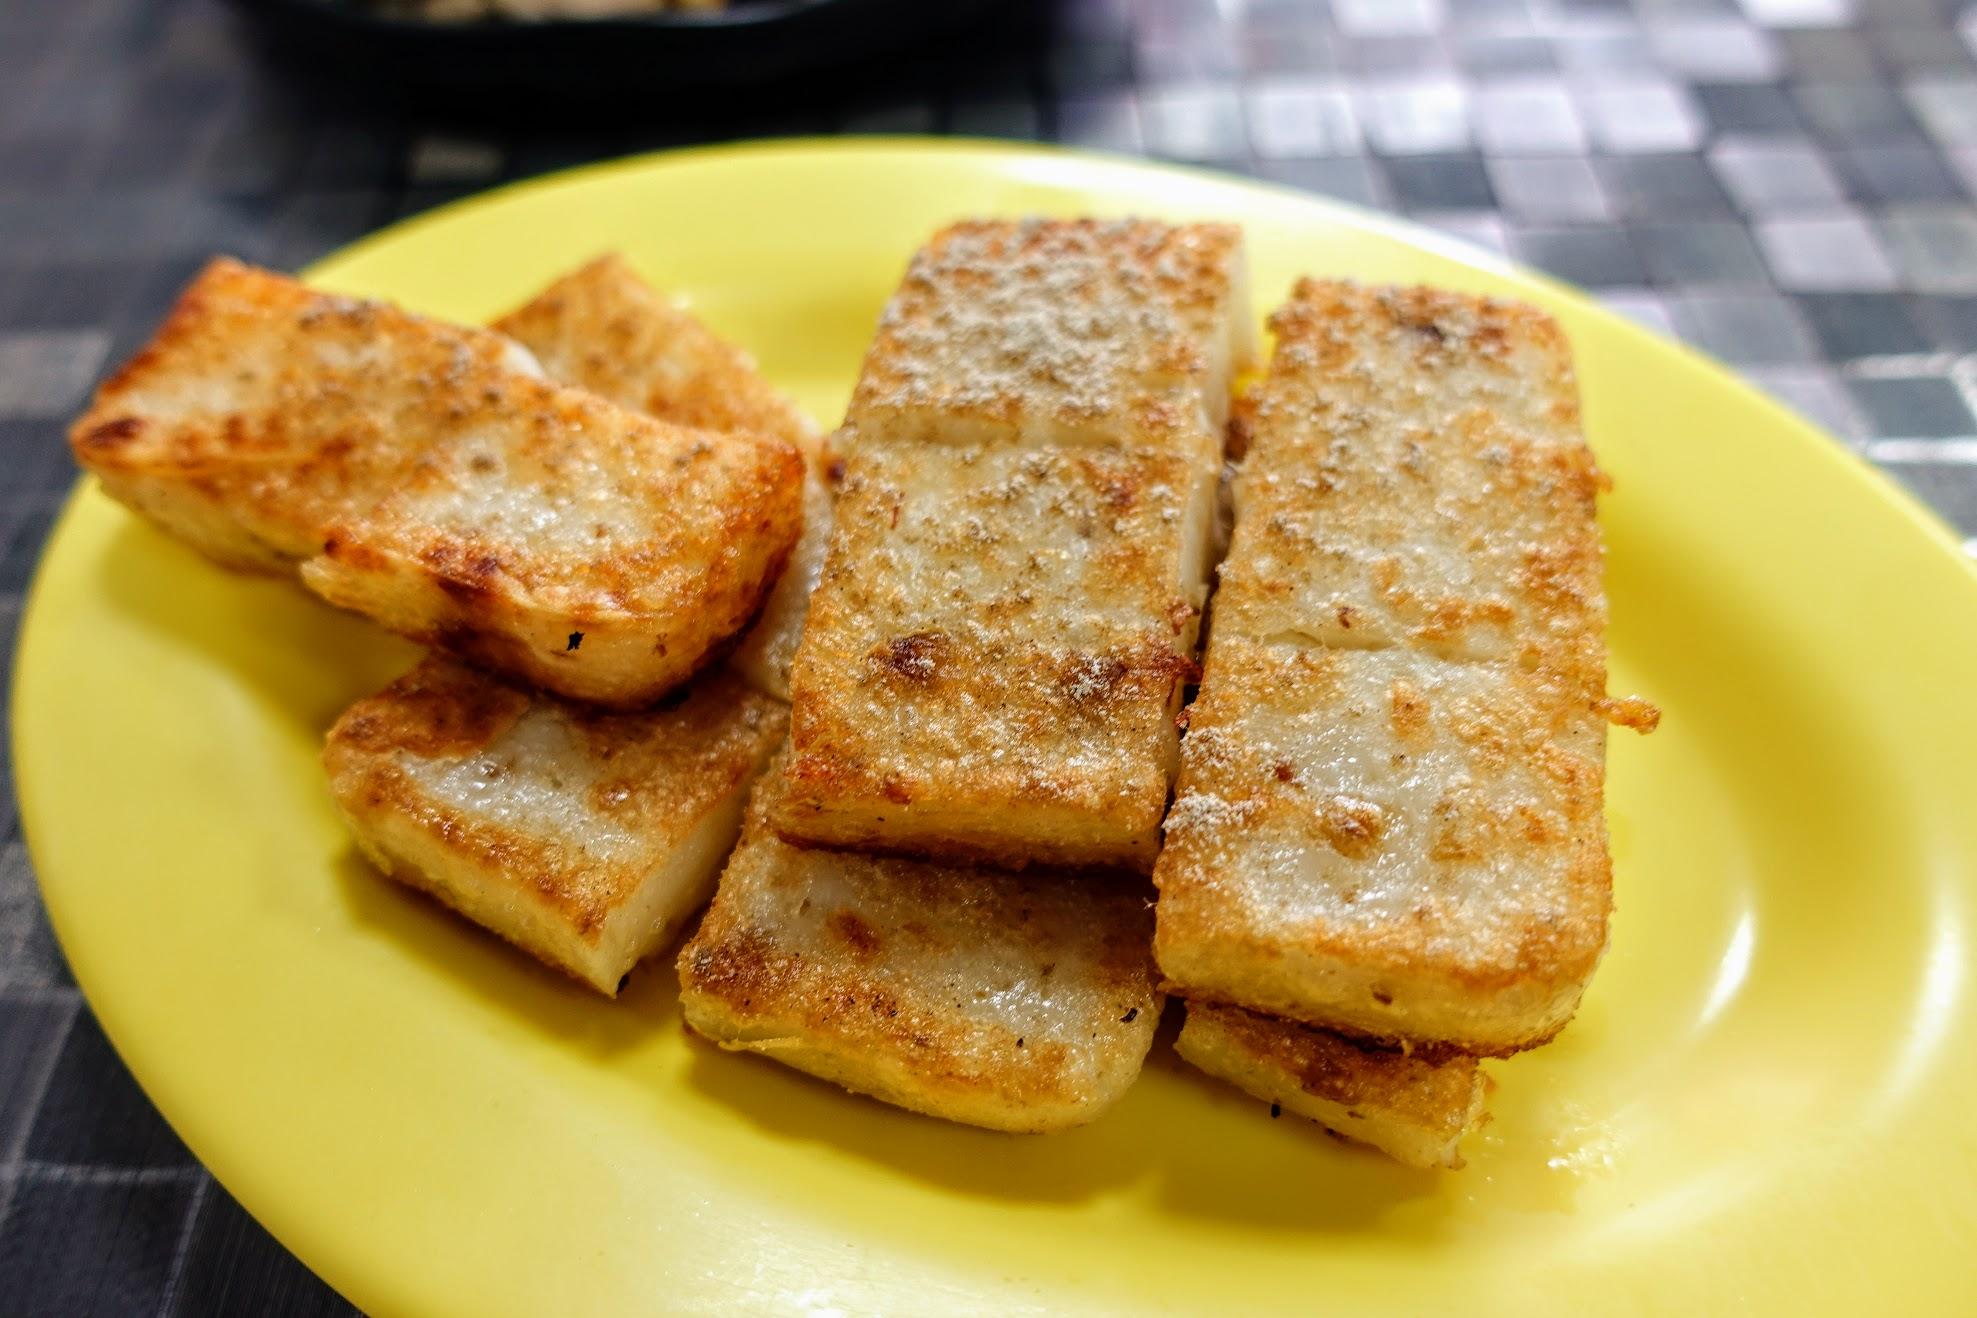 蘿蔔糕,外皮也是煎的很酥脆